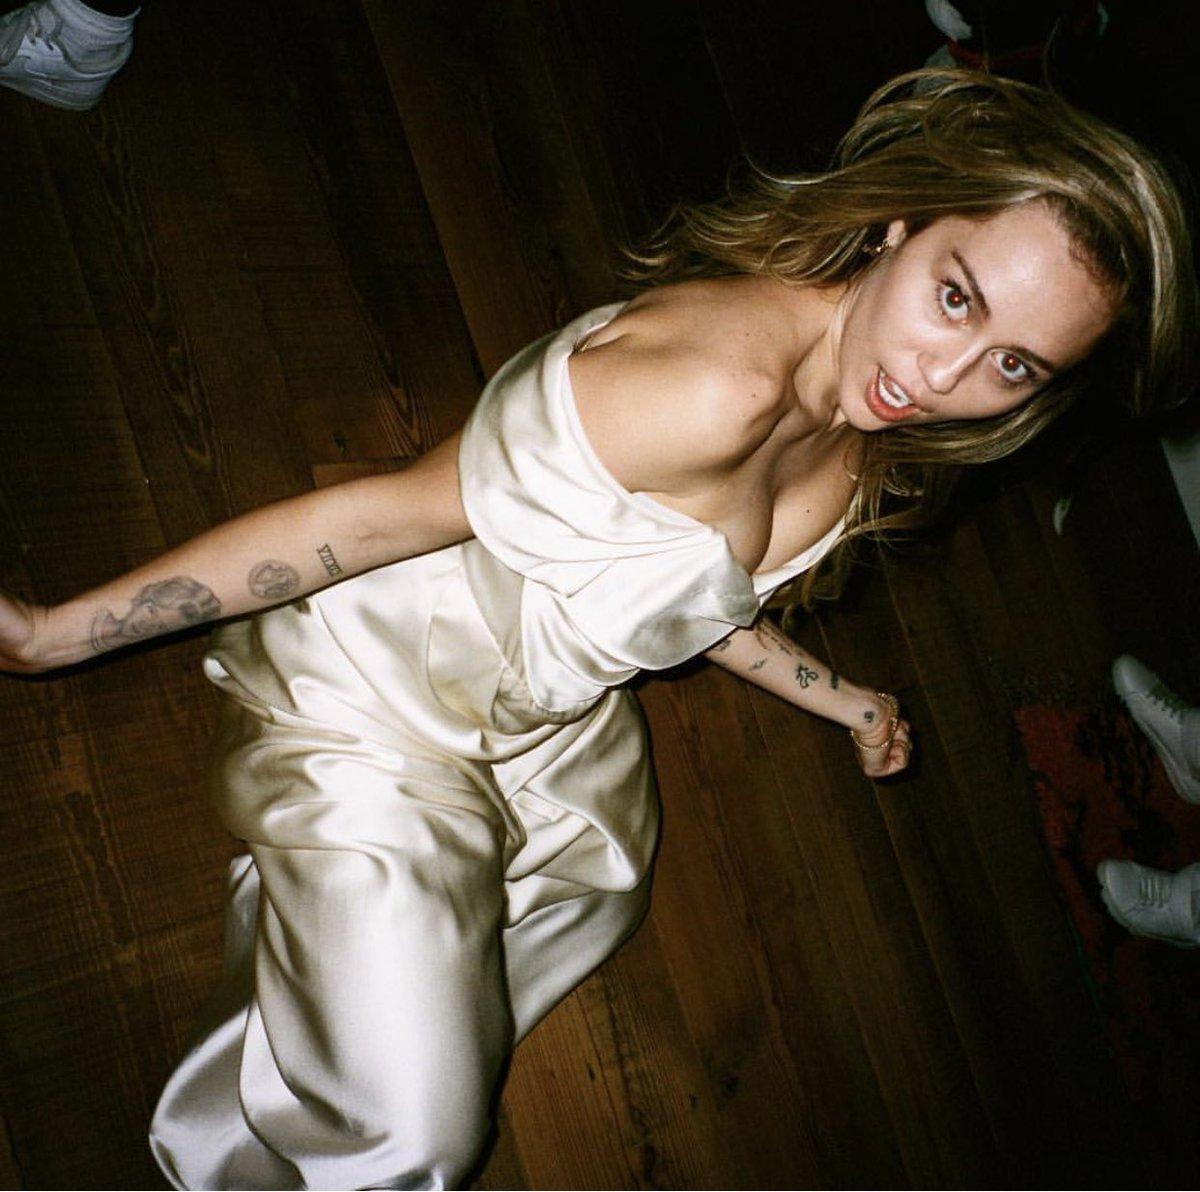 Gwyneth paltrow nude free